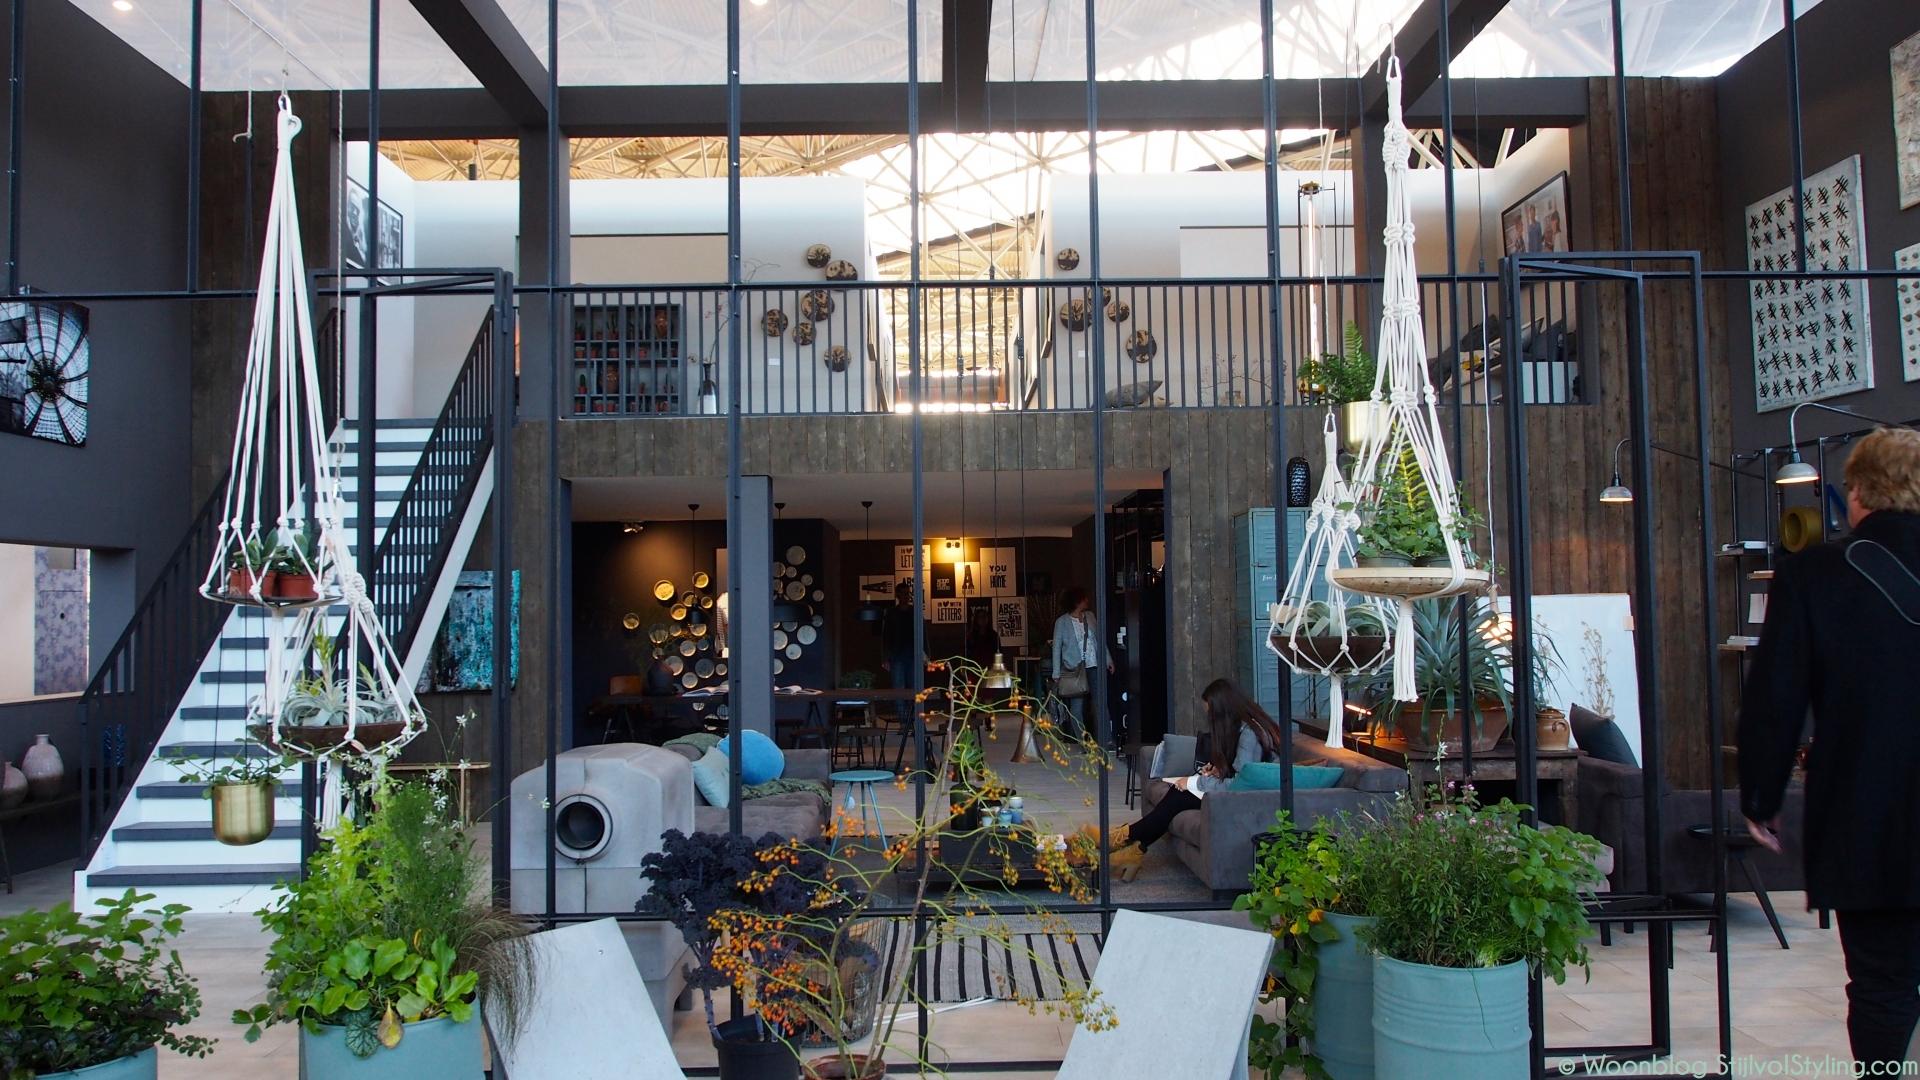 Interieur het 39 vtwonen huis 39 vol wooninspiratie for Huis interieur tips